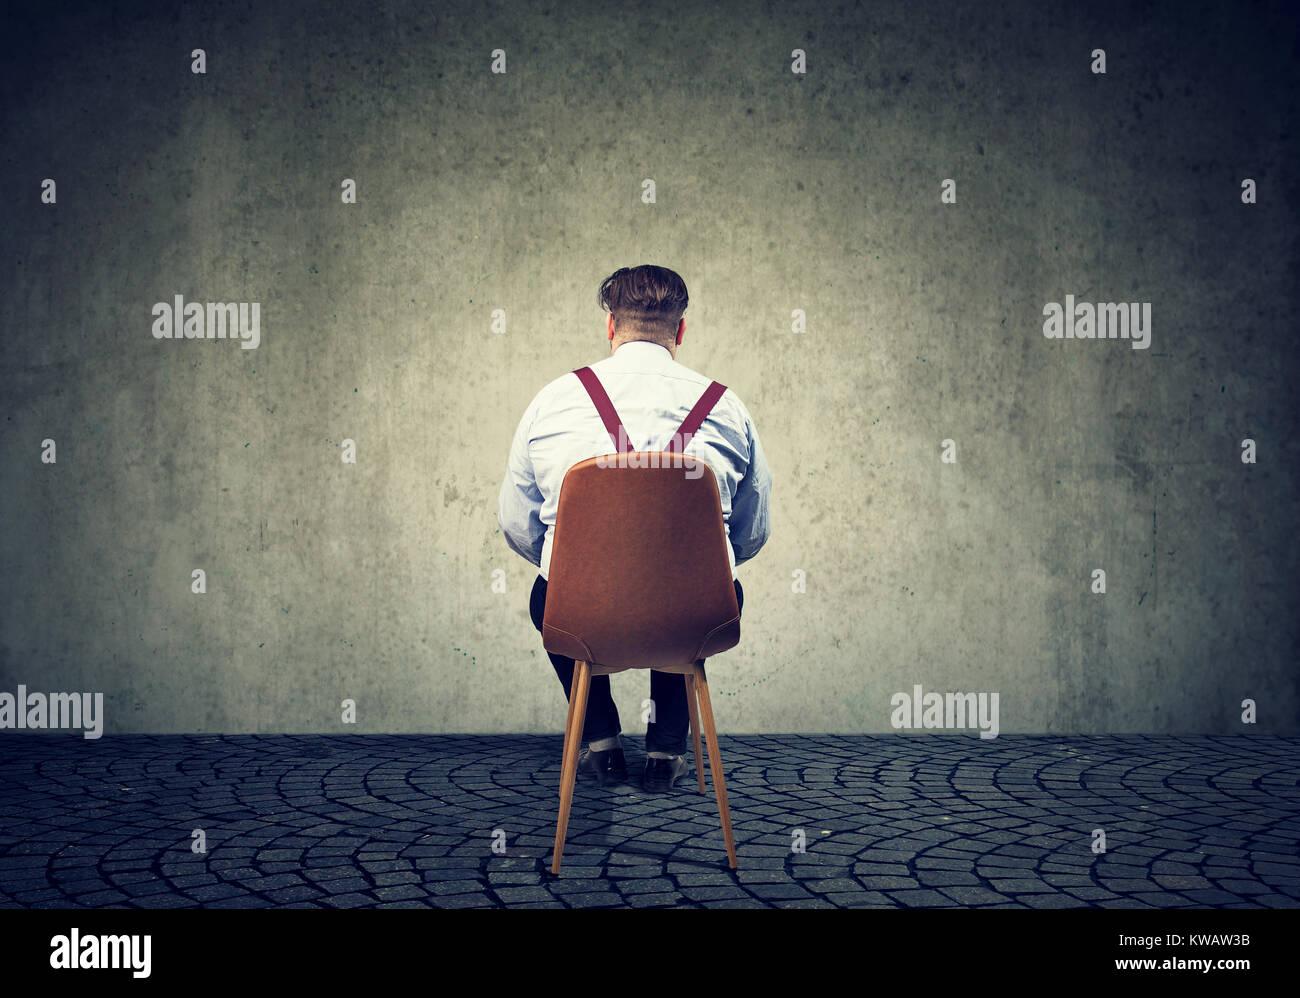 Vista posteriore di uomo seduto su una sedia guardando in calcestruzzo parete grigia avendo problemi. Immagini Stock